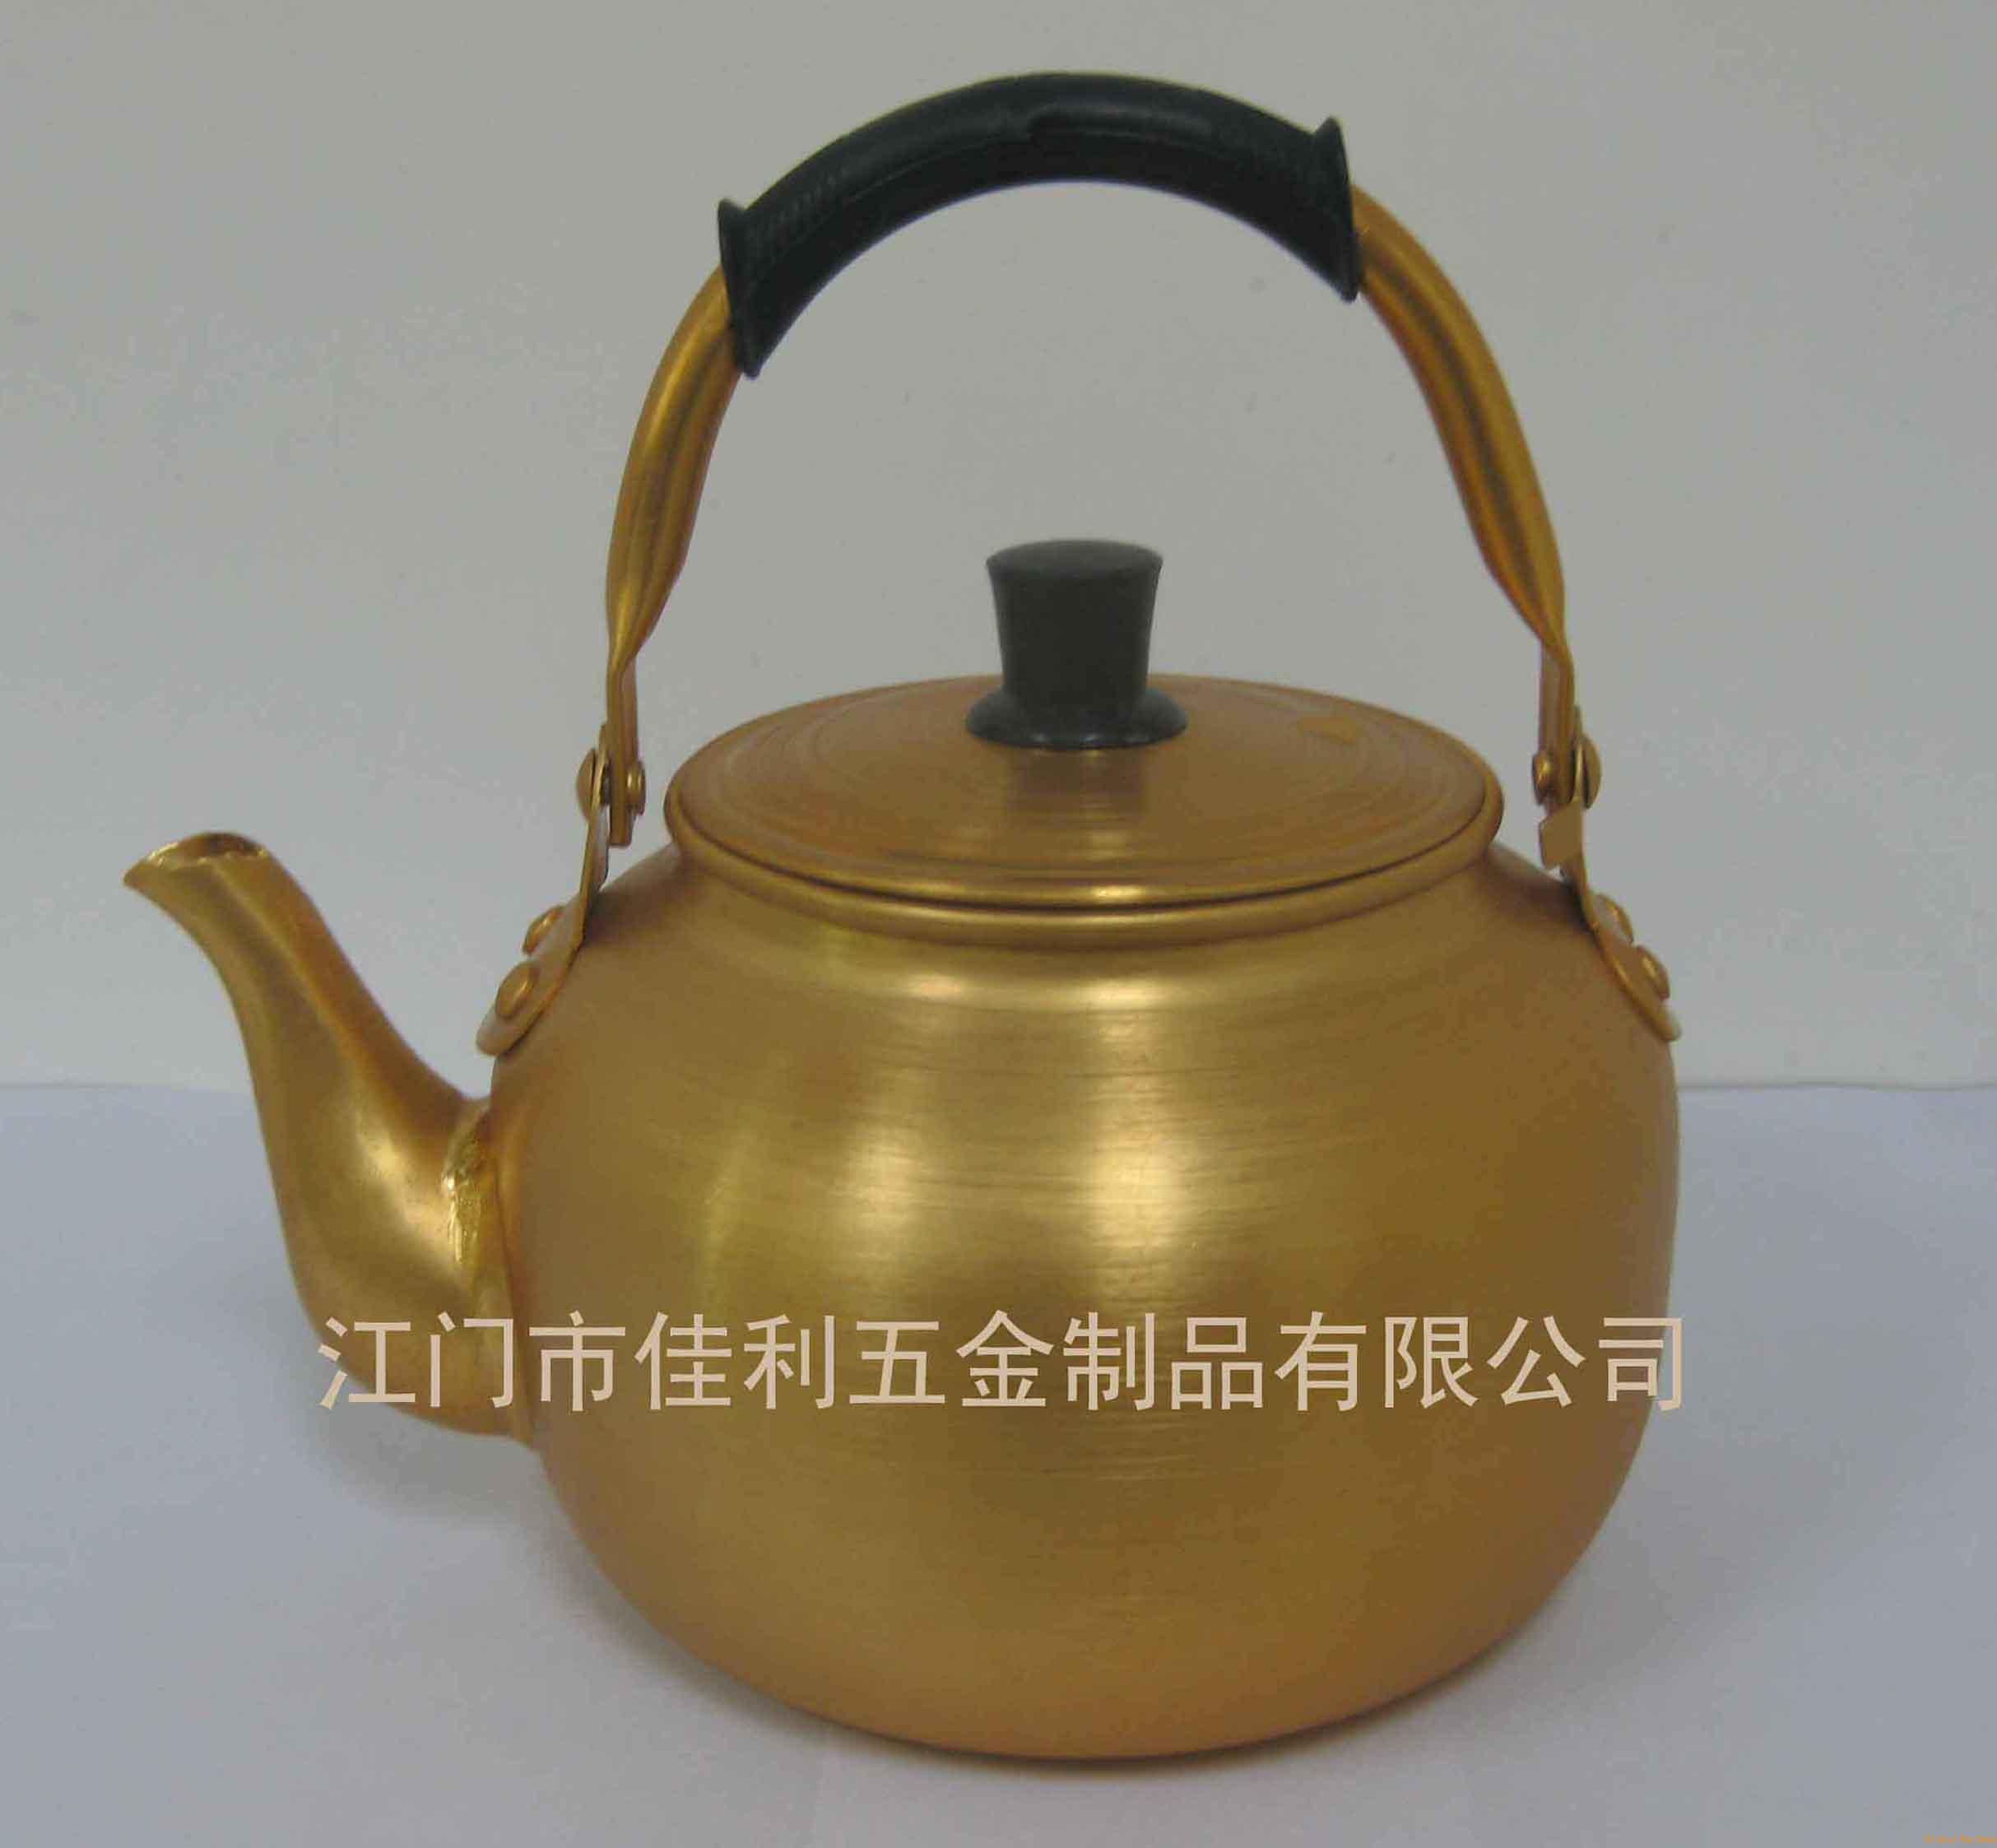 金黃色鋁水壺,拋光鋁水壺,銅水壺